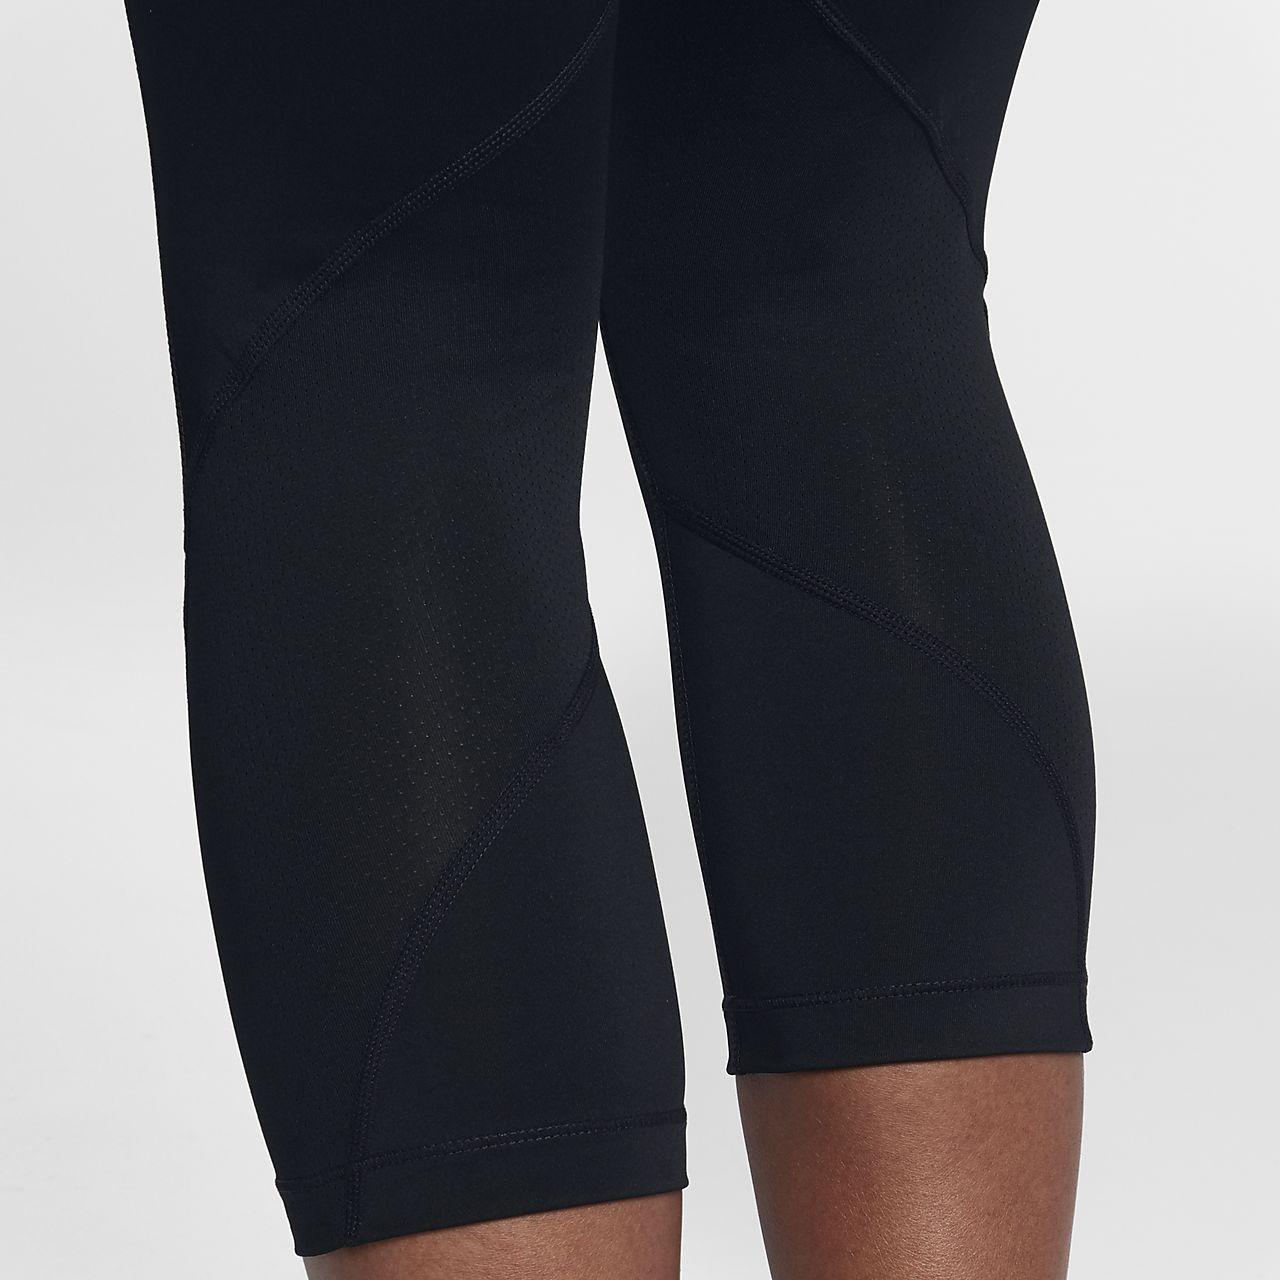 d7abde34a735 Träningstights i trekvartslängd Nike Pro för kvinnor. Nike.com SE